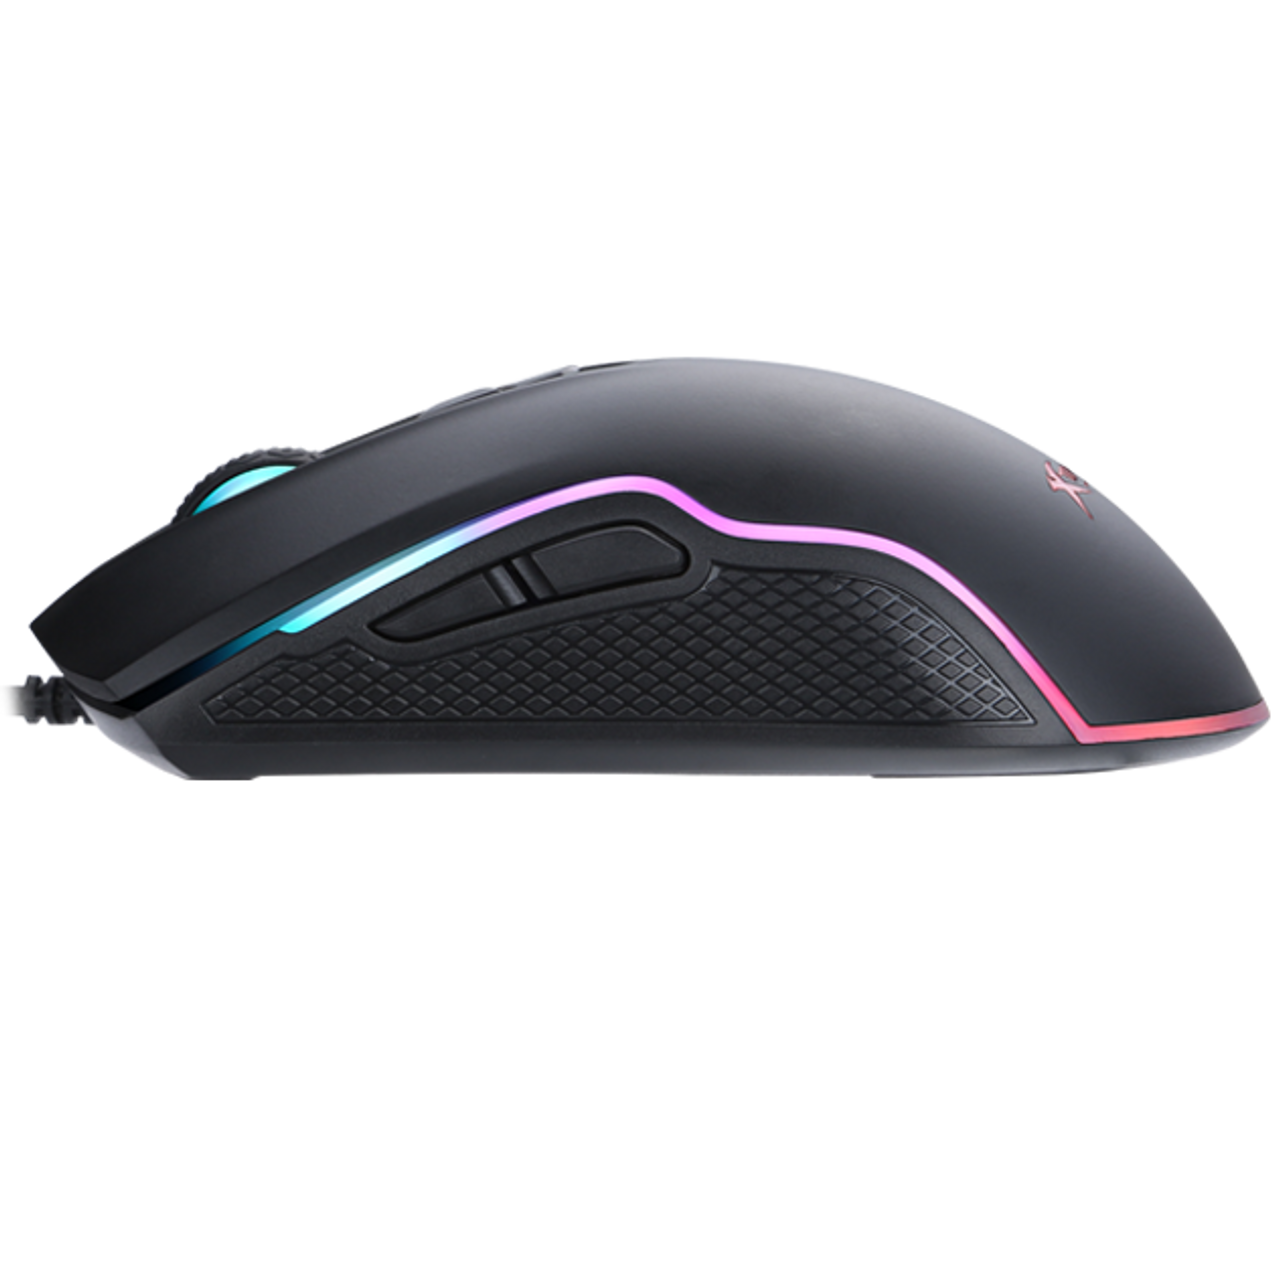 Xtrike GM-921 Mouse Backlit Optical